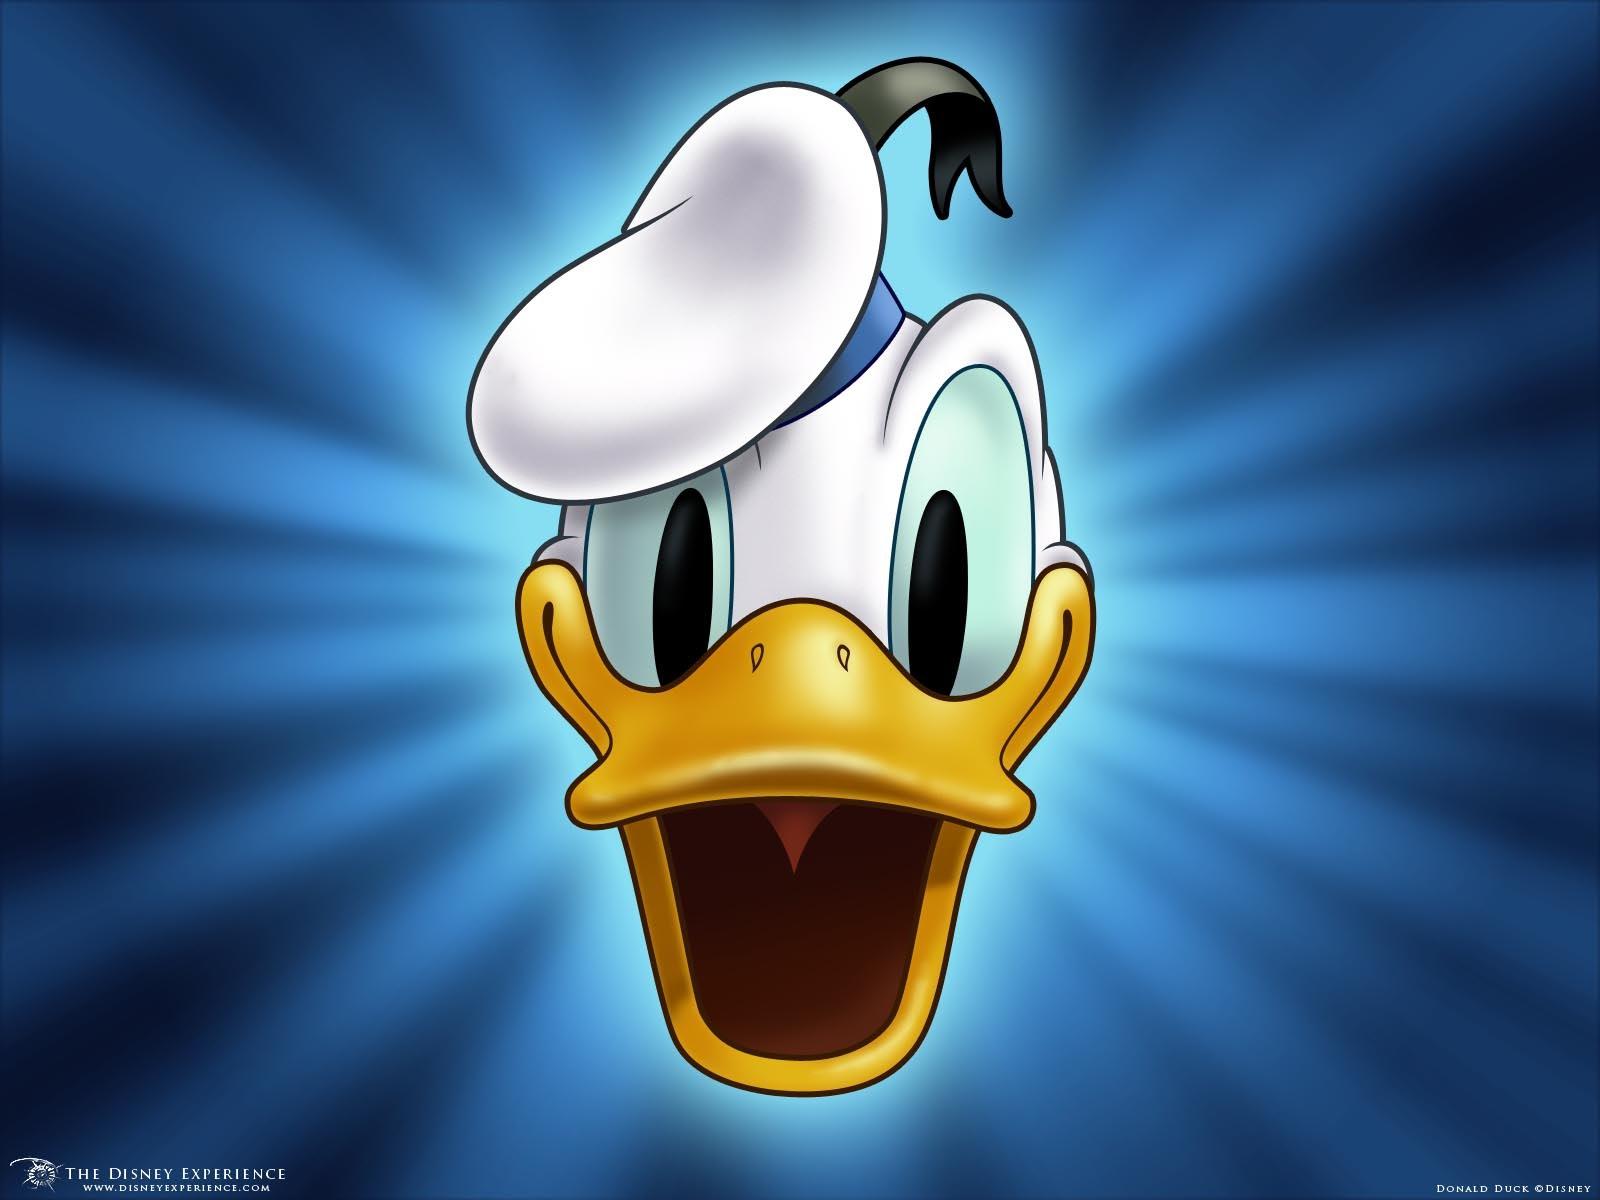 Donald Duck Cartoon | Donald Duck Cartoons Full Episode 2015 [HD]